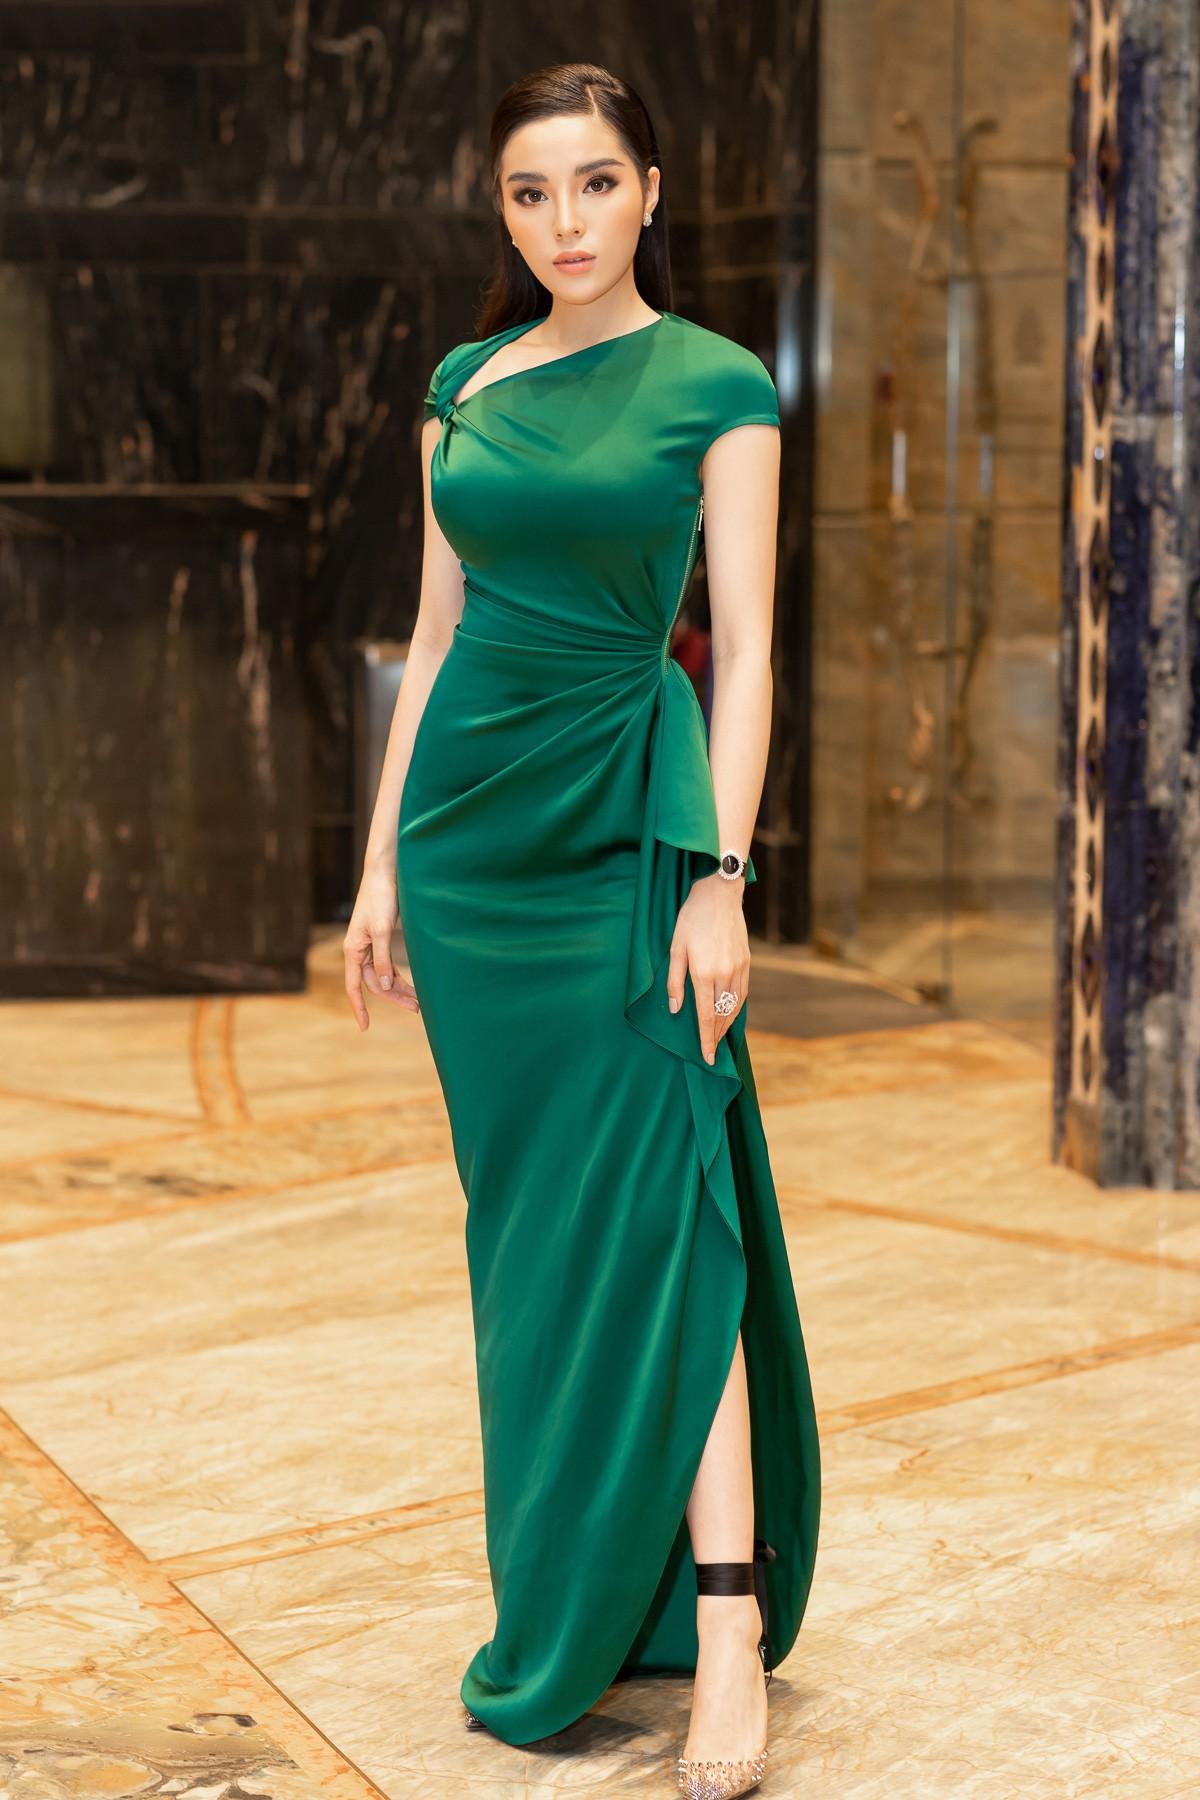 Hoa hậu Kỳ Duyên gây chú ý khi đắp hàng hiệu hơn 3 tỷ đồng đi sự kiện - Ảnh 5.